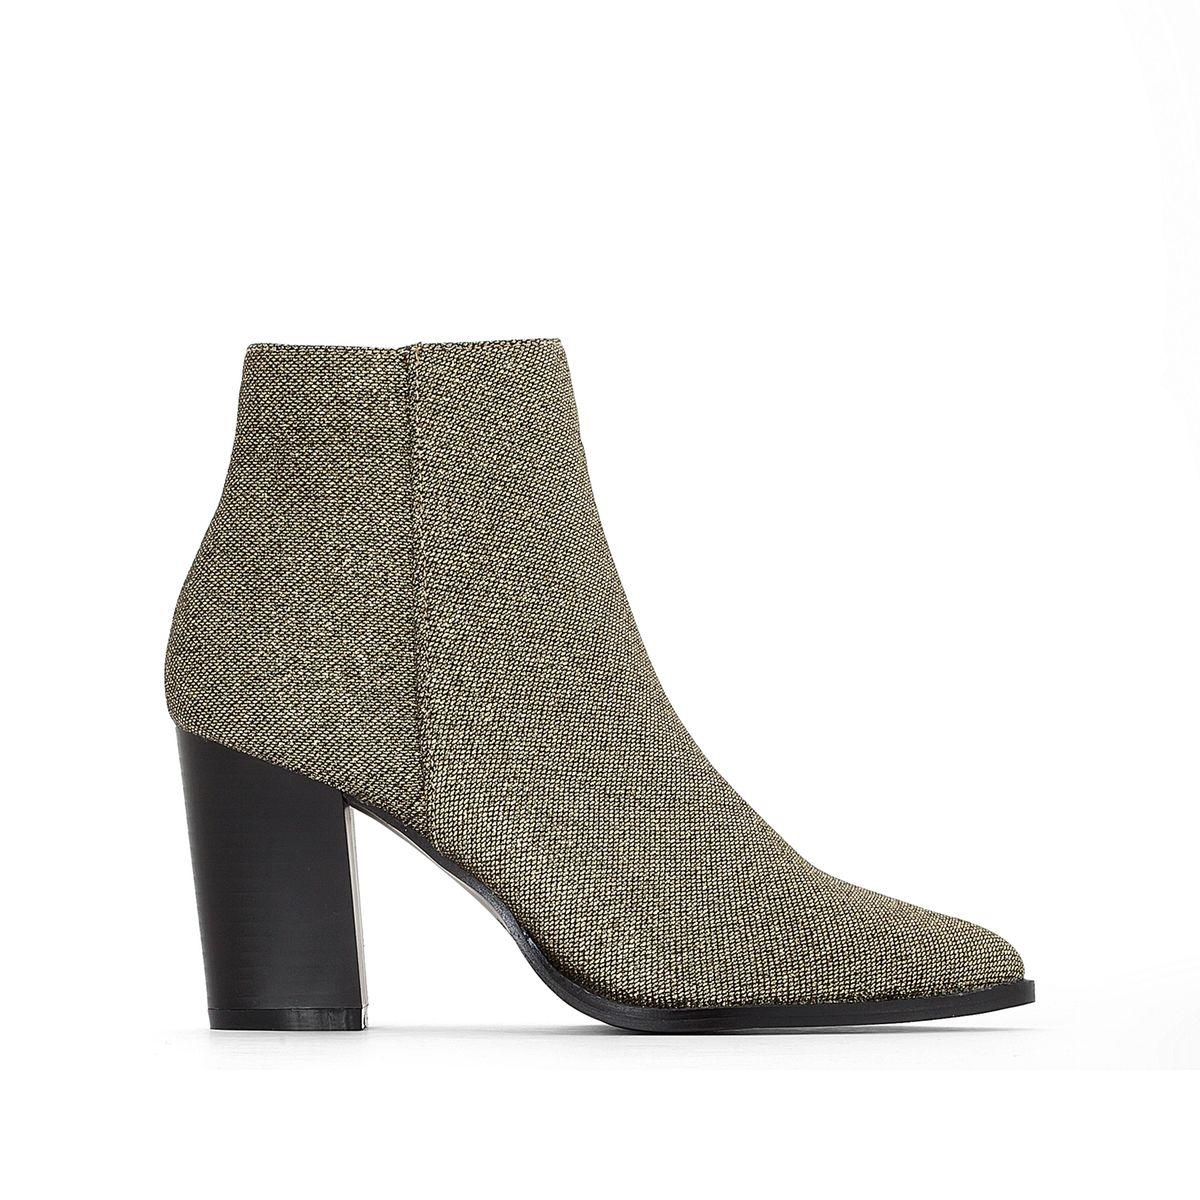 Boots paillettes